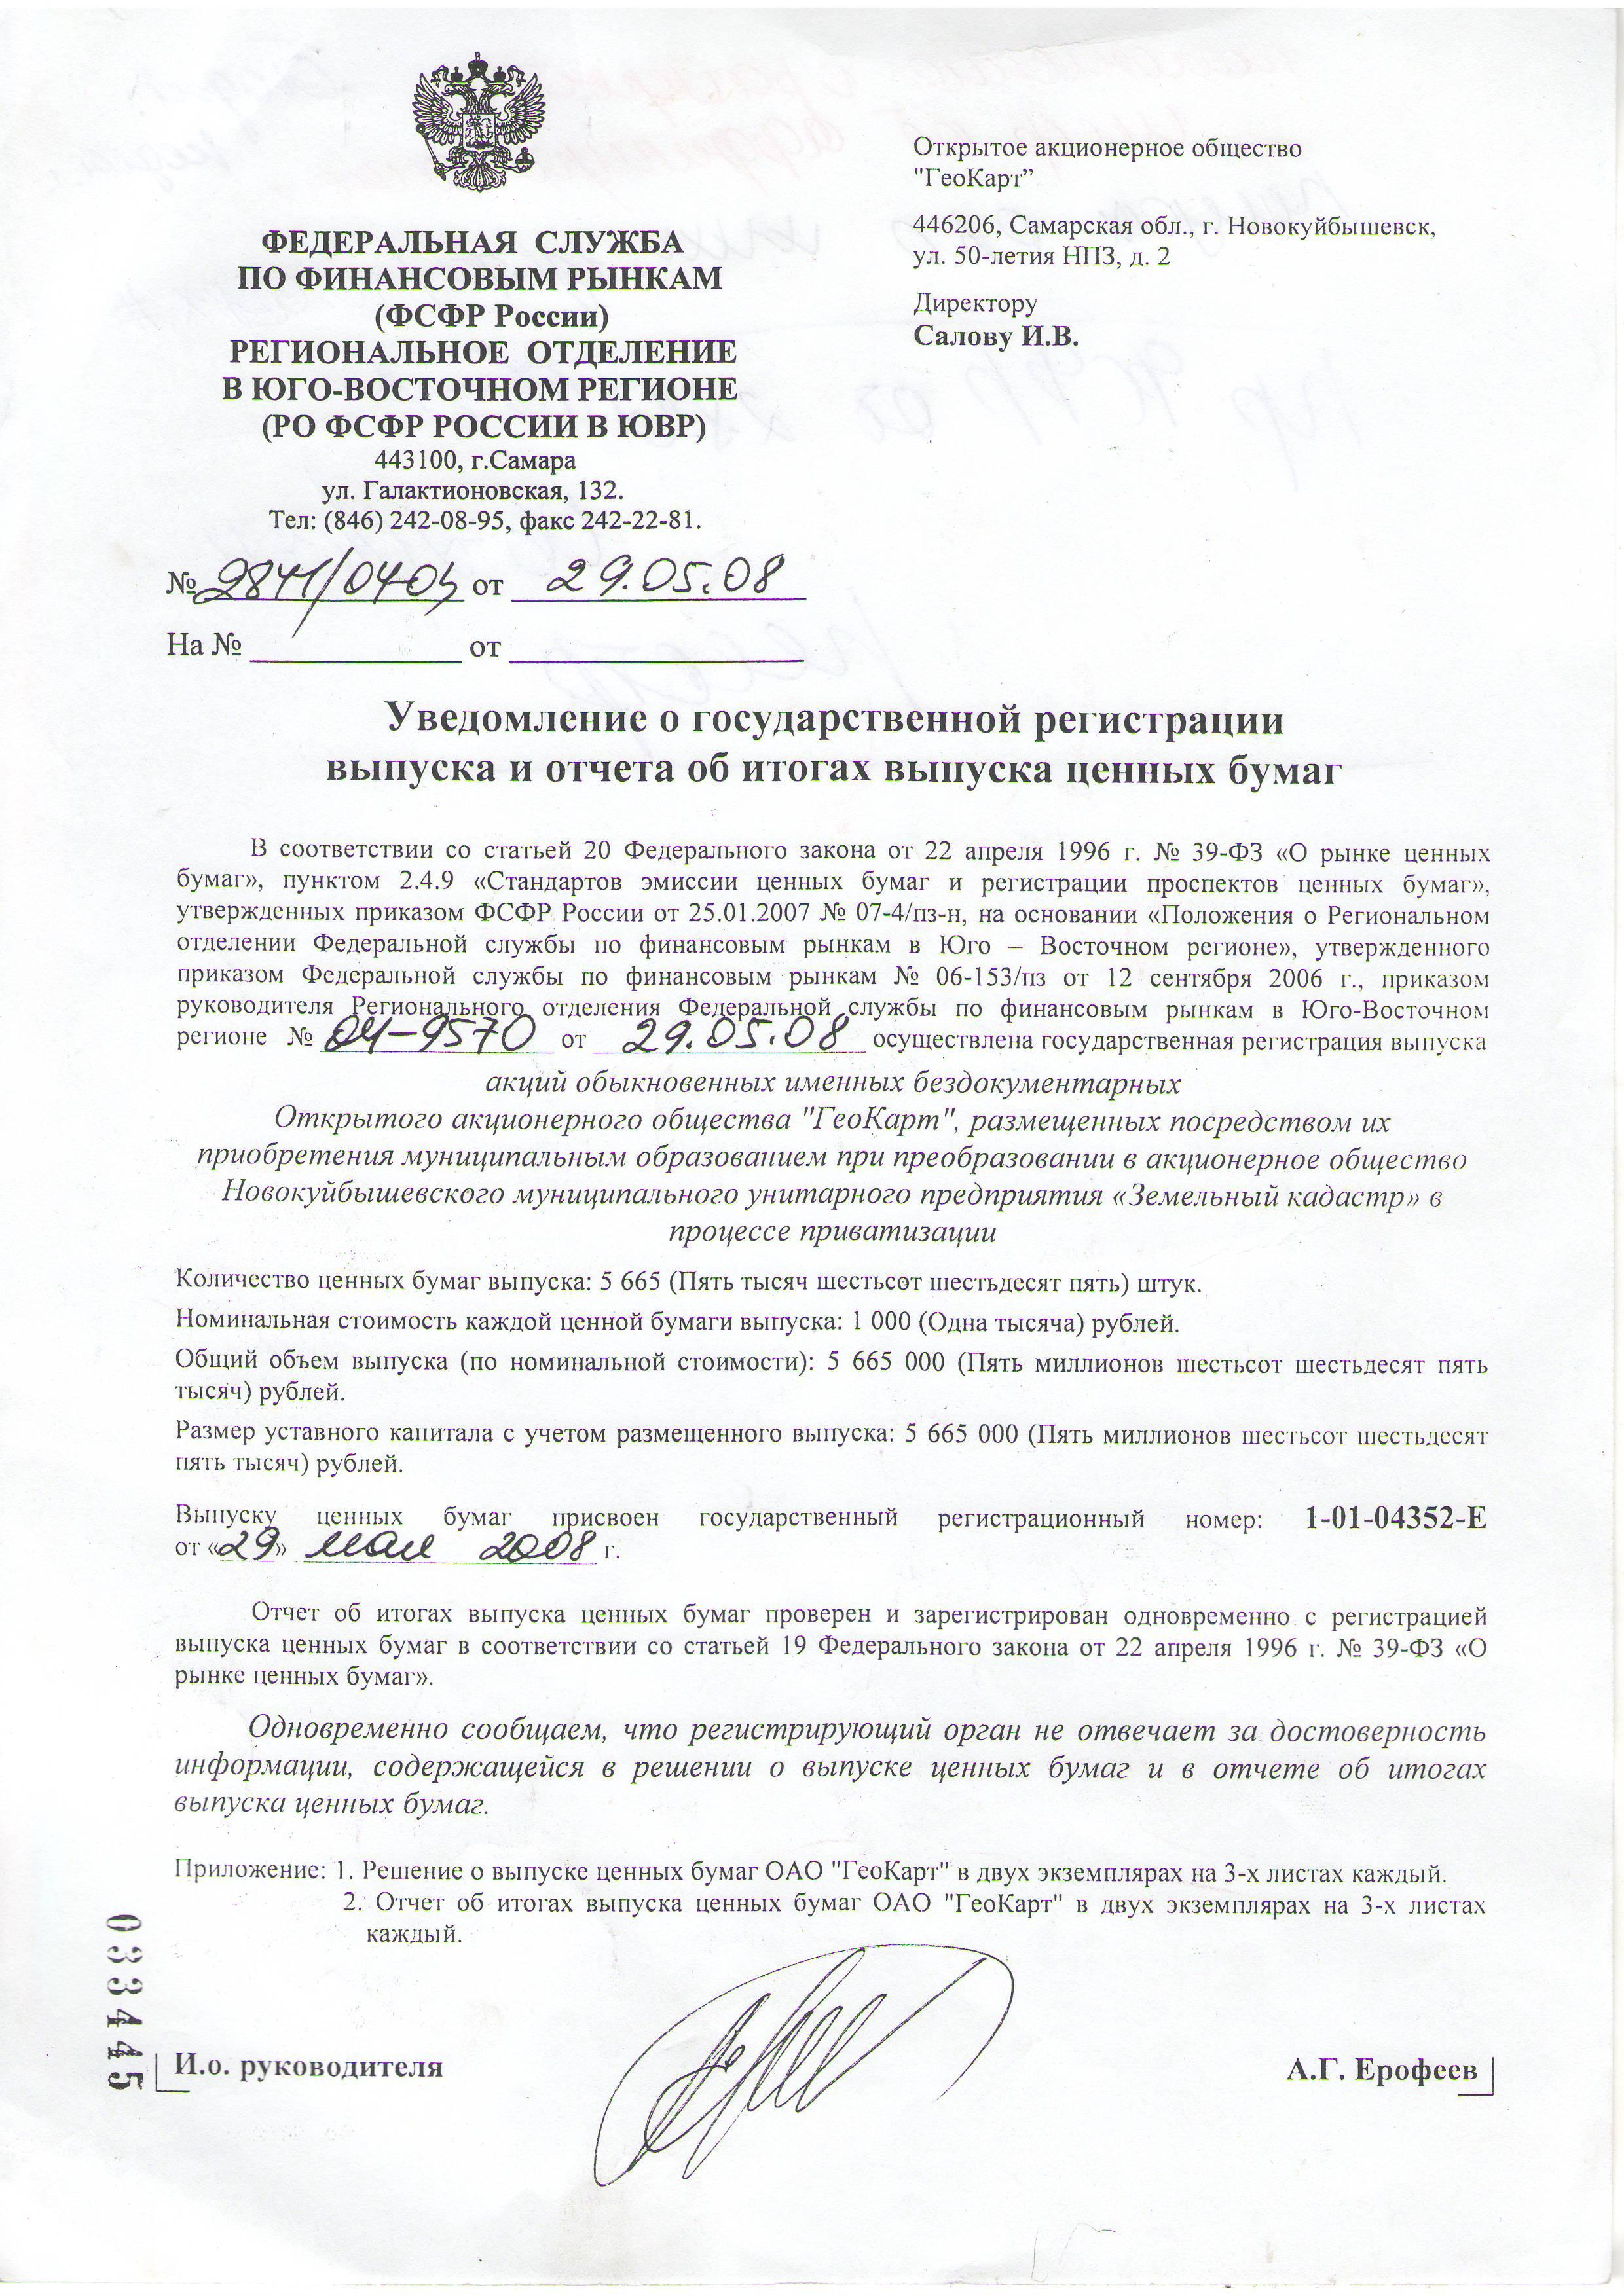 Документы на регистрацию выпуска ценных бумаг